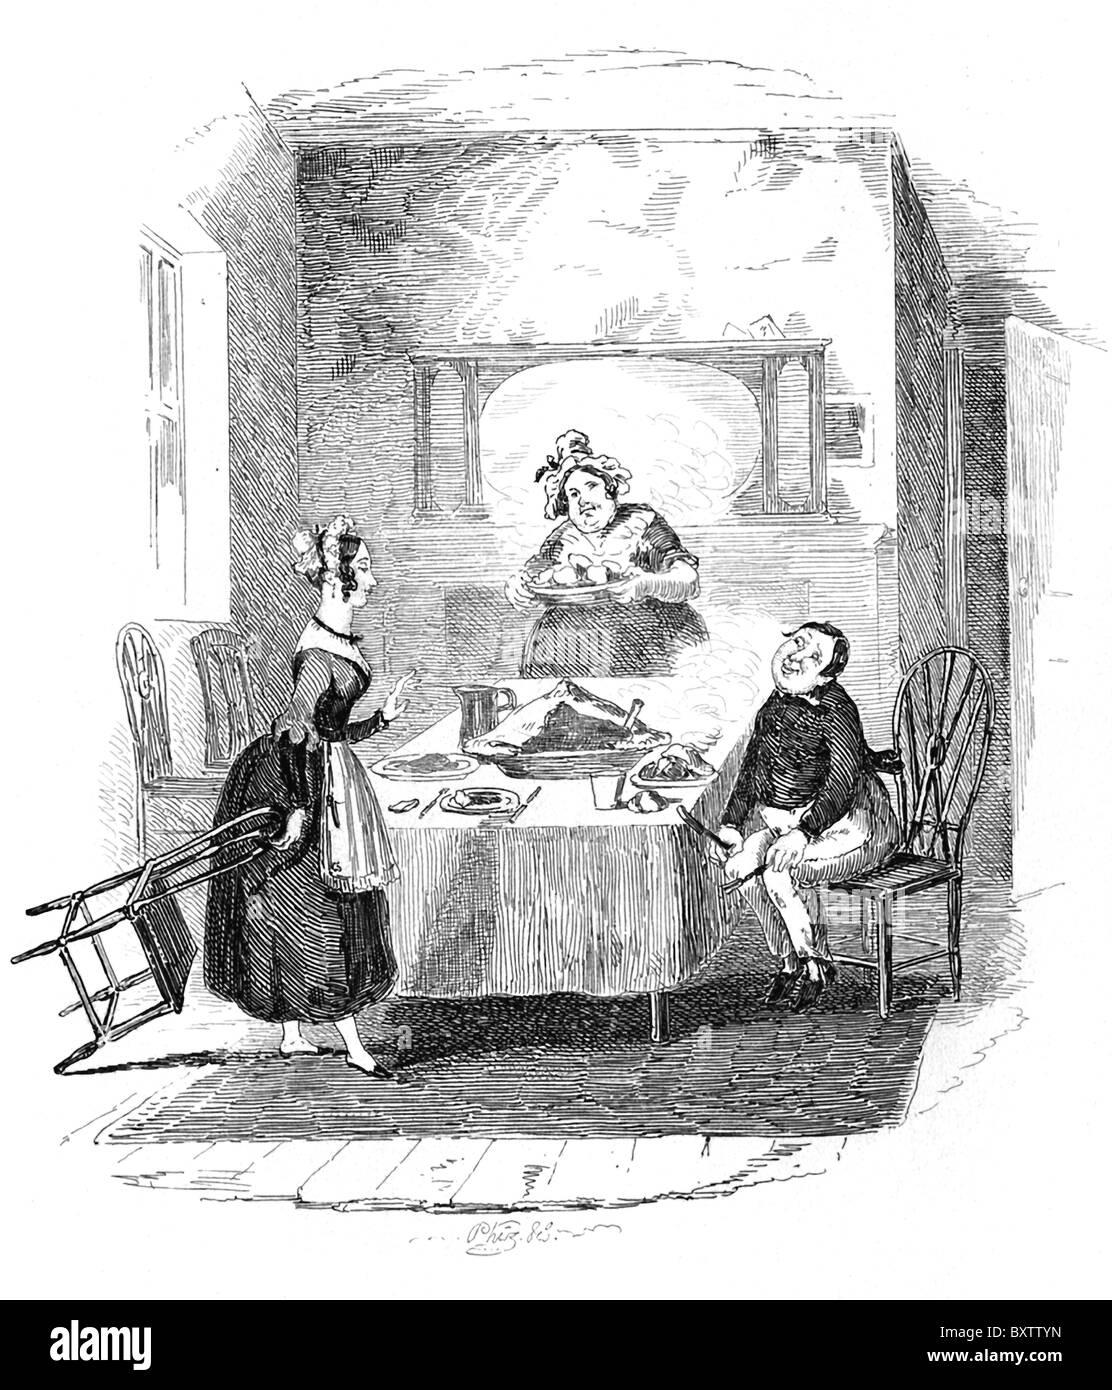 """Nota El nombre'Phiz"""" debajo de esta ilustración de Browne titulado 'Mary y la Fat Boy'. Imagen De Stock"""